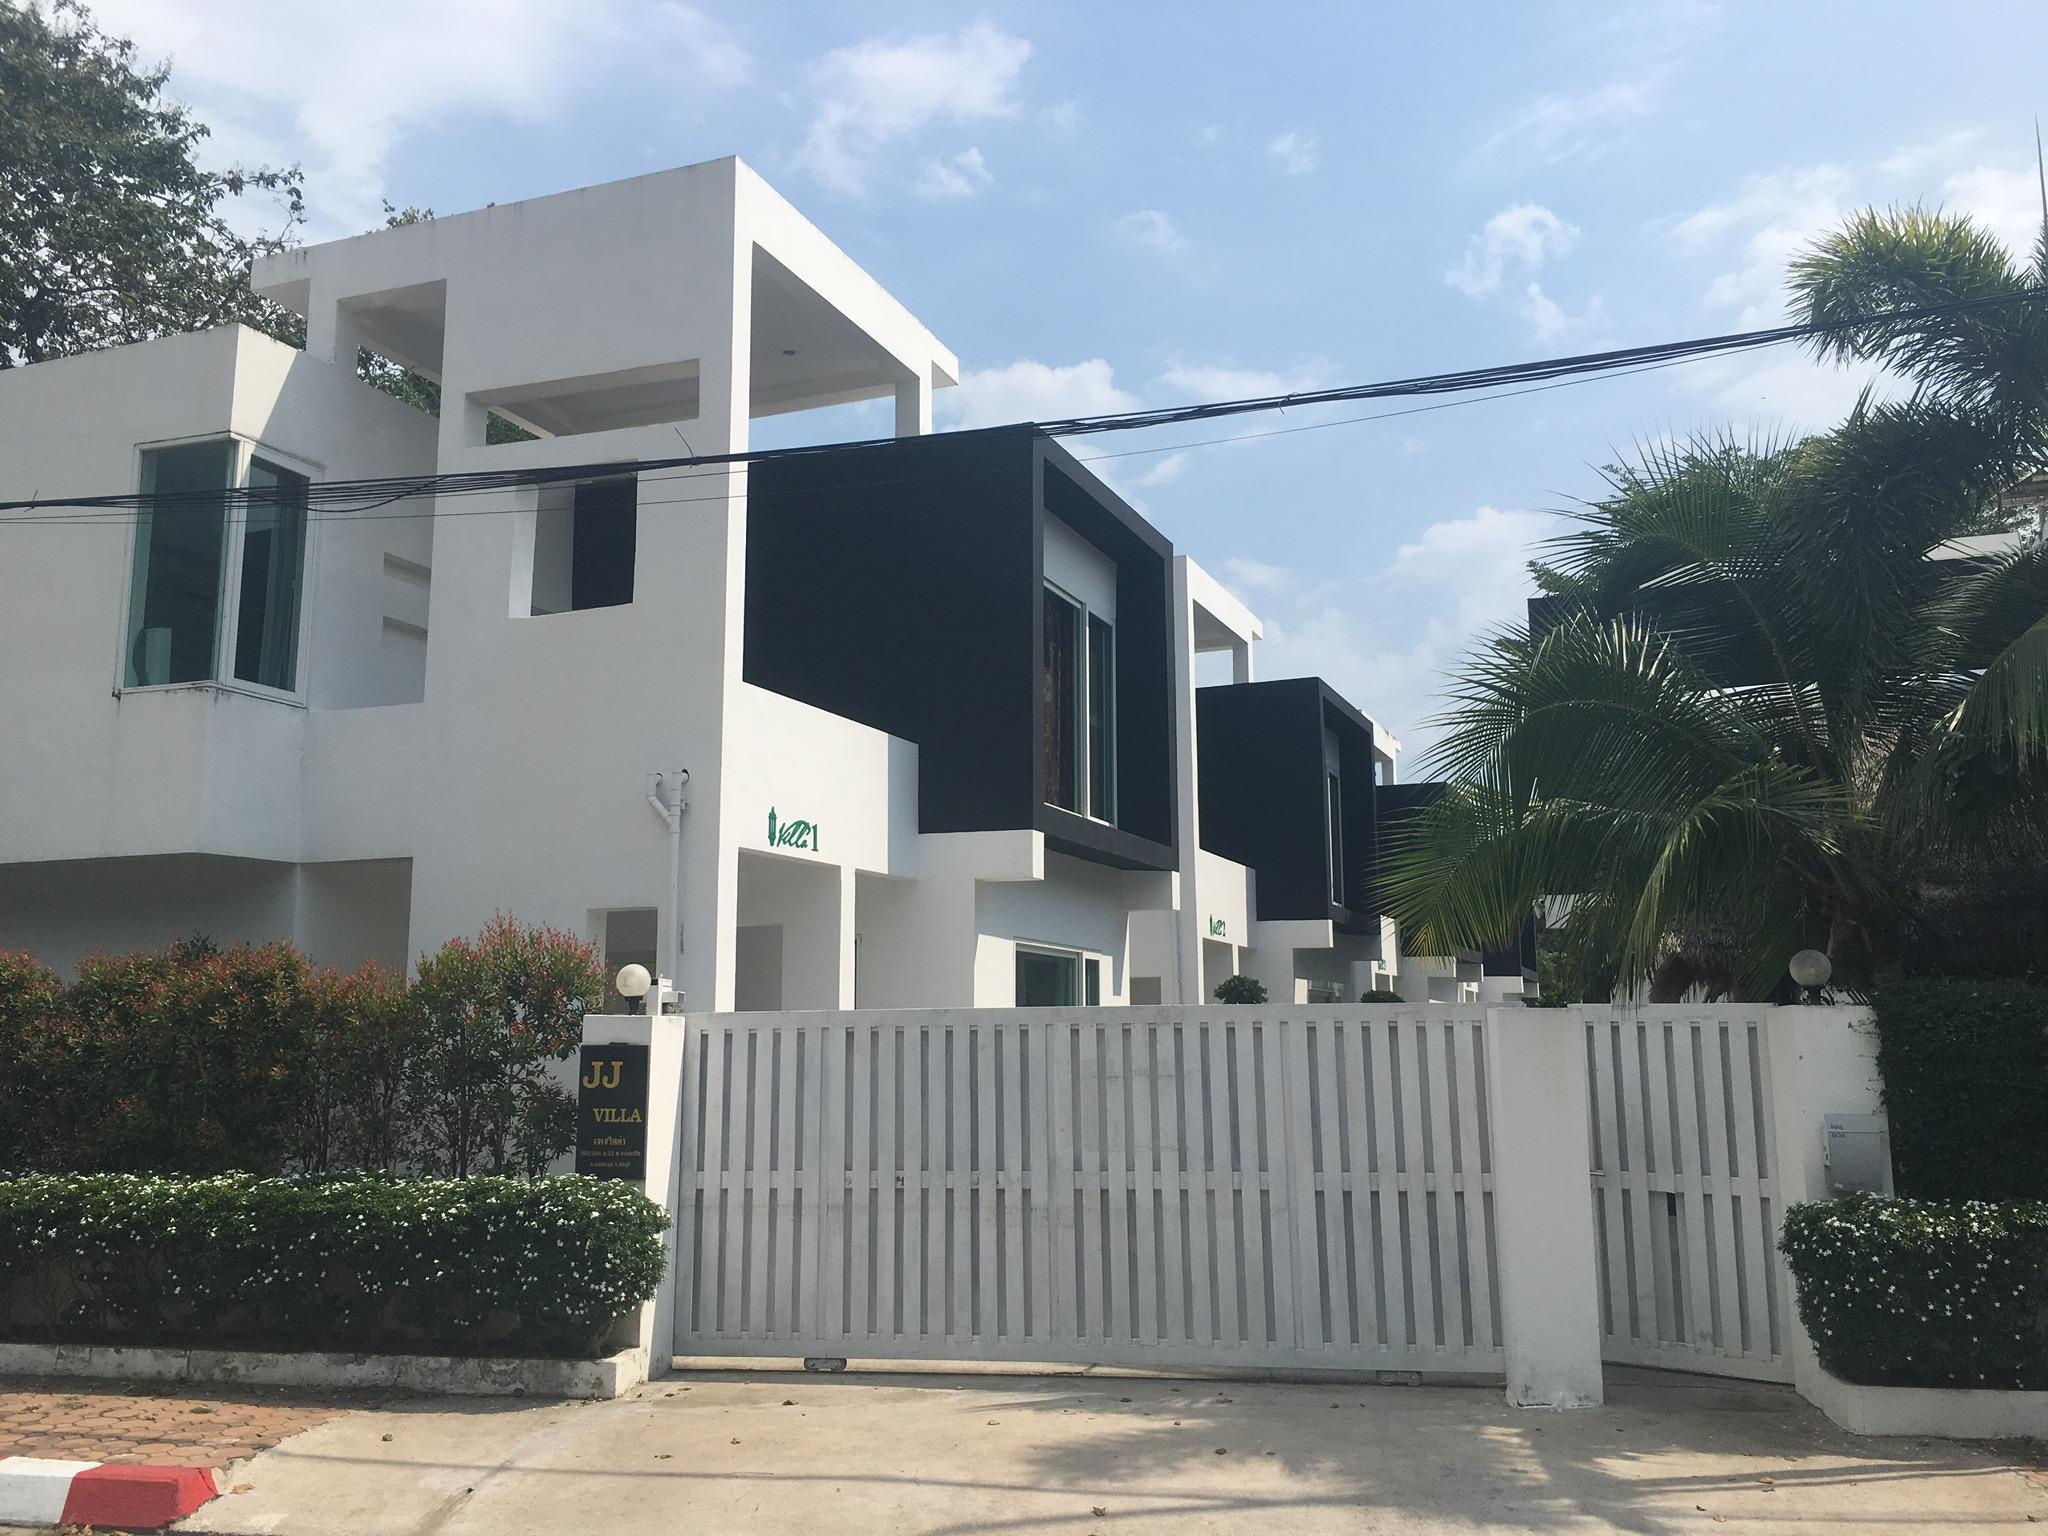 JJ villa resort วิลลา 2 ห้องนอน 2 ห้องน้ำส่วนตัว ขนาด 120 ตร.ม. – เขาพระตำหนัก